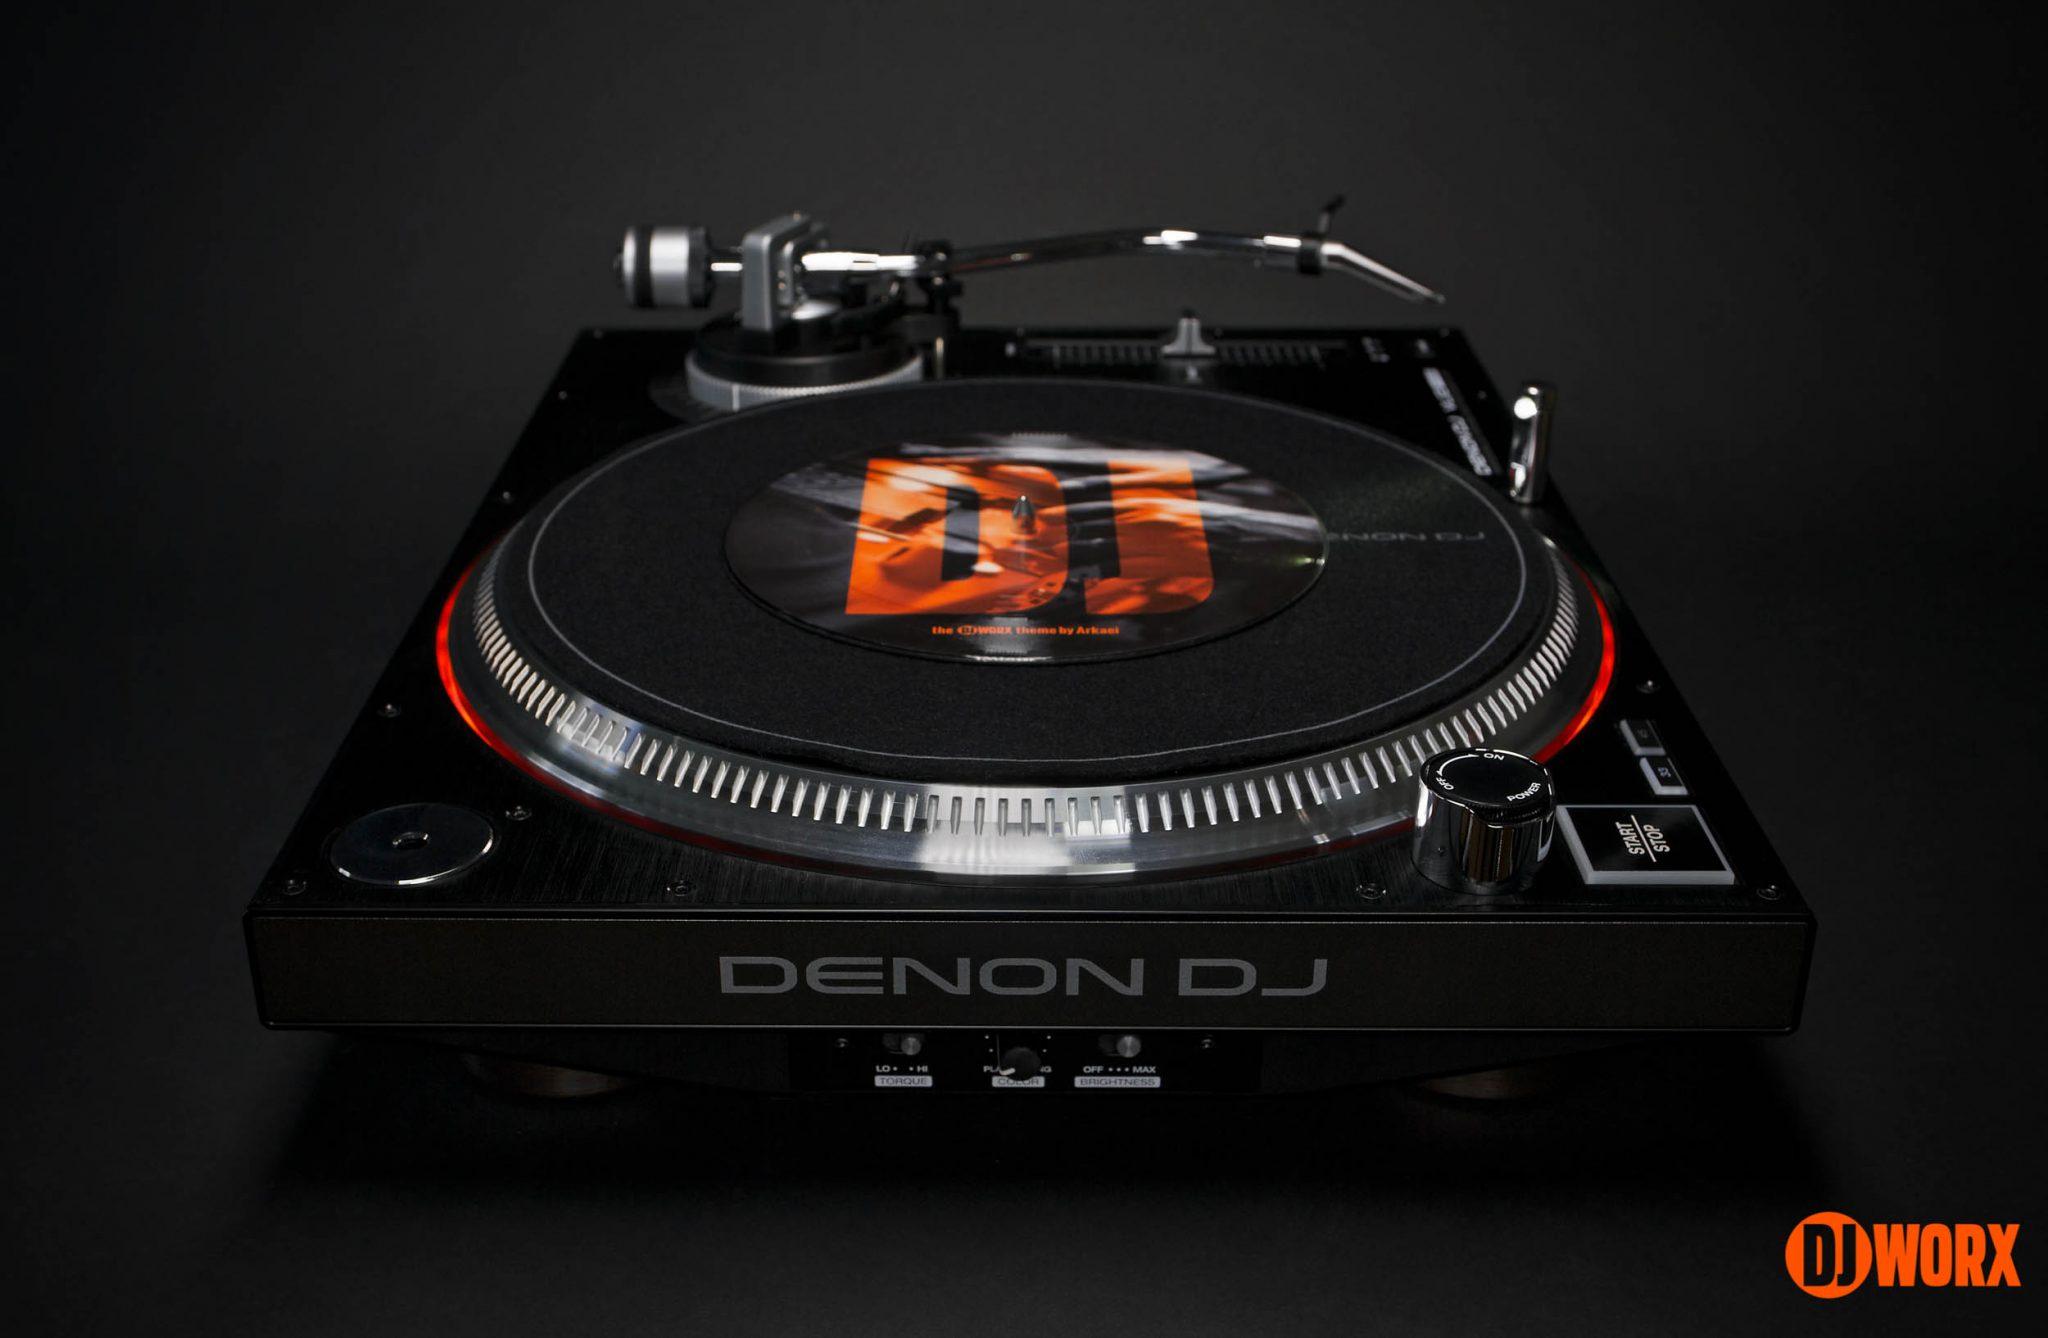 Denon DJ L12 Prime turntable review DJWORX (20)